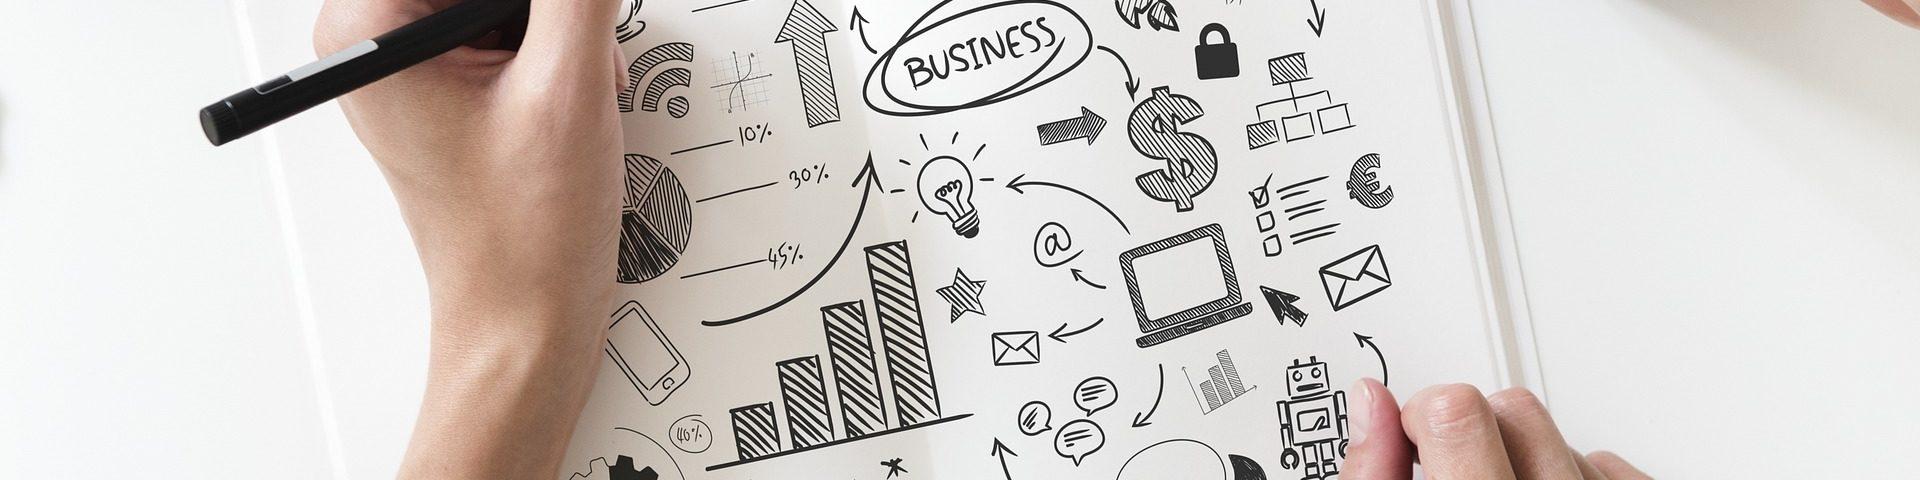 Neue Businessmodelle entstehen